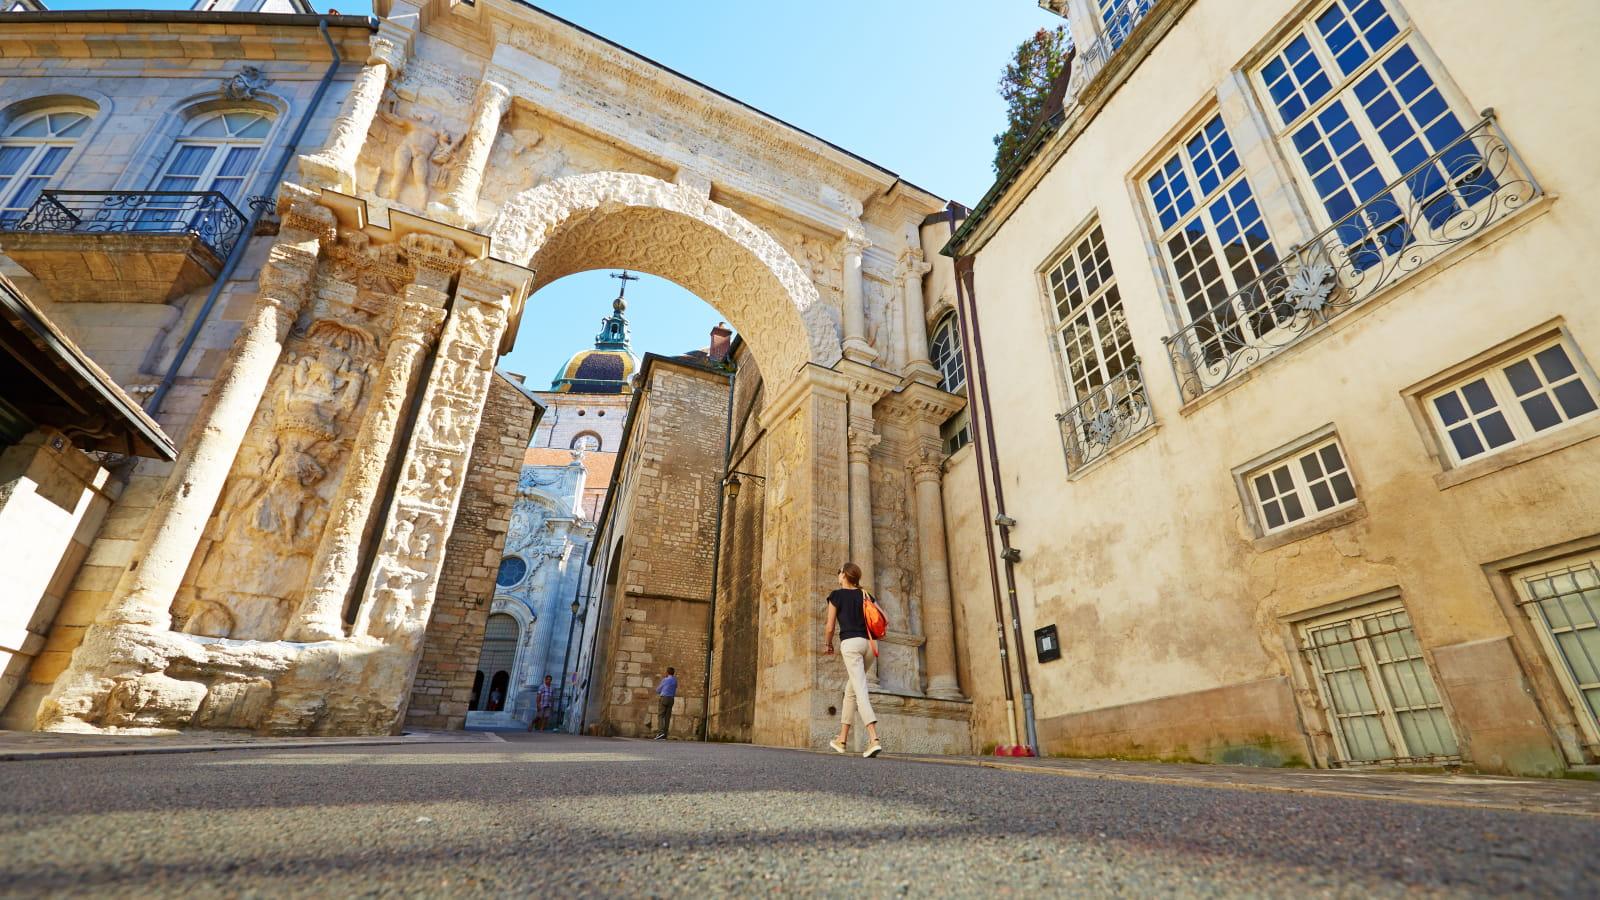 visite du centre ville de Besançon